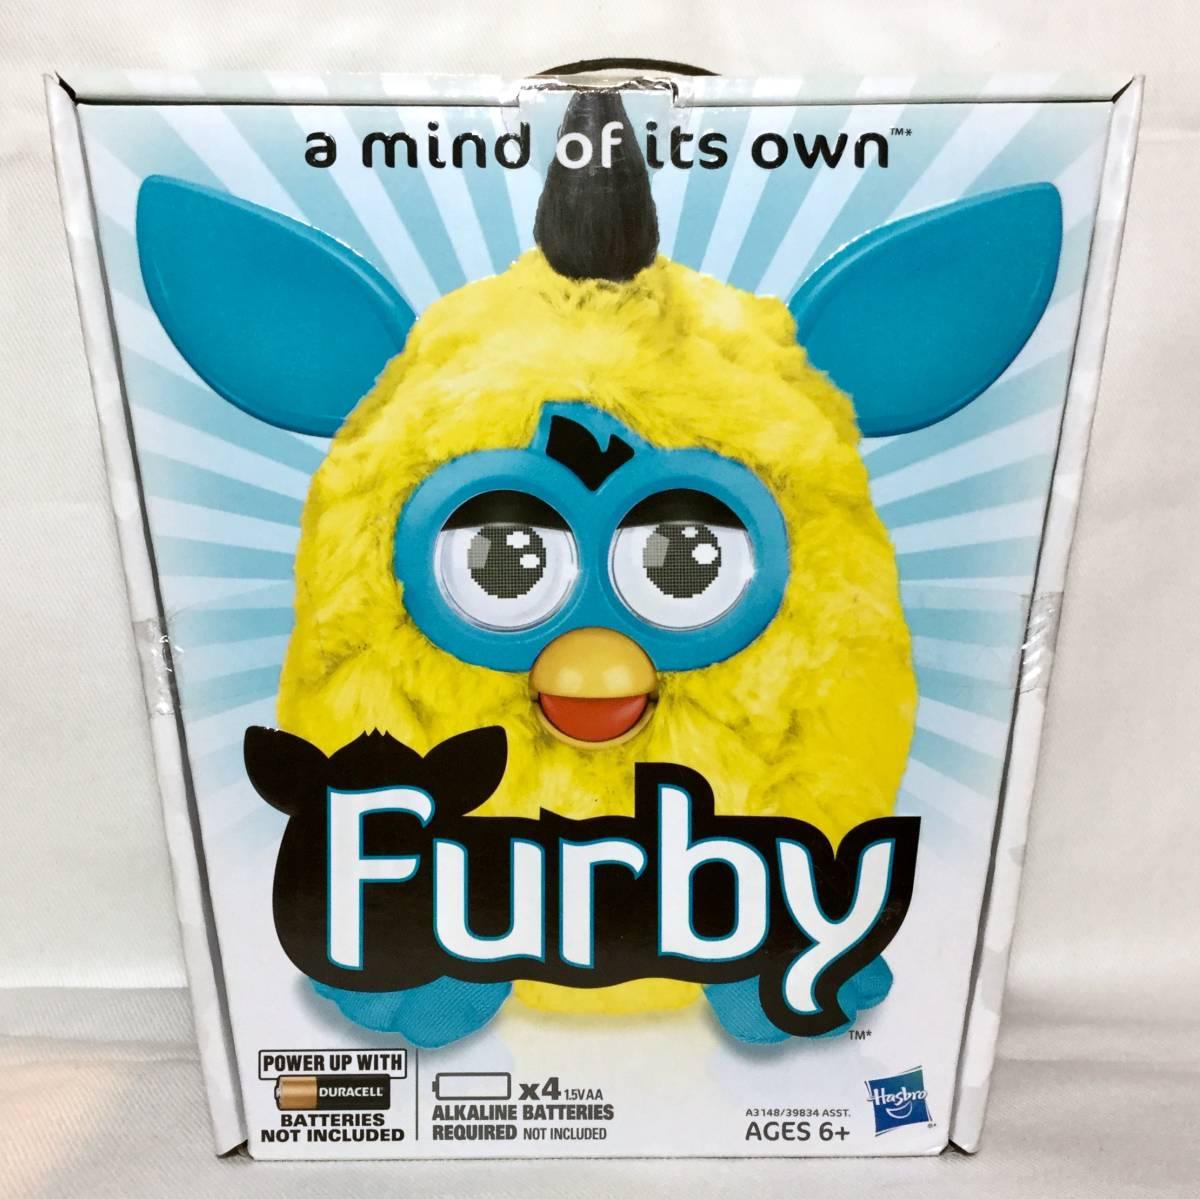 日本未発売☆ 2012製 ファービー Furby イエロー ブルー アメリカ版 英語バージョン HASBRO 新品未使用